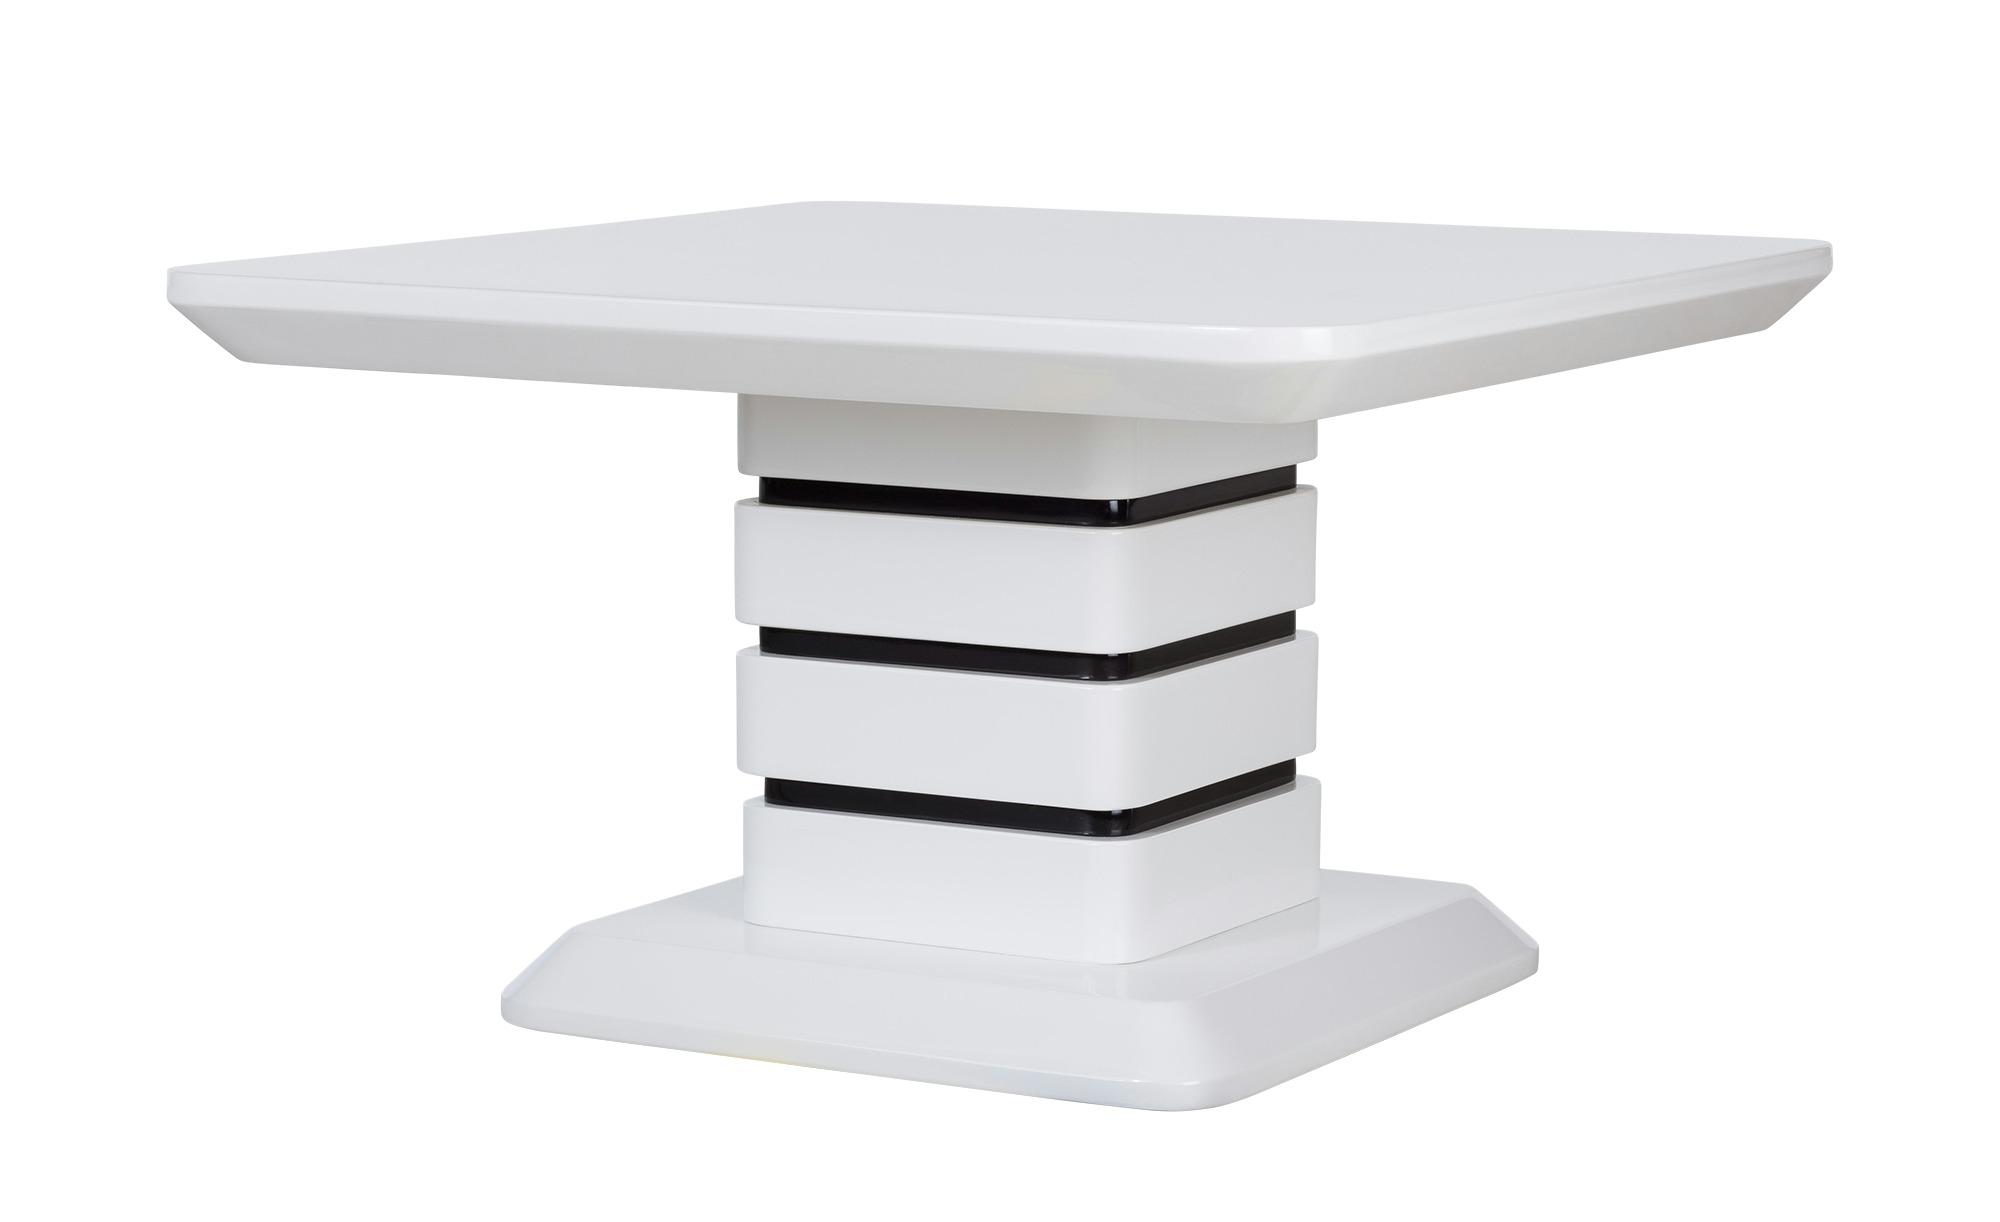 Couchtisch schwarz weiß eckig  Jutta ¦ weiß ¦ Maße (cm): B: 70 H: 42 T: 70 Tische > Couchtische > Couchtische rechteckig - Höffner